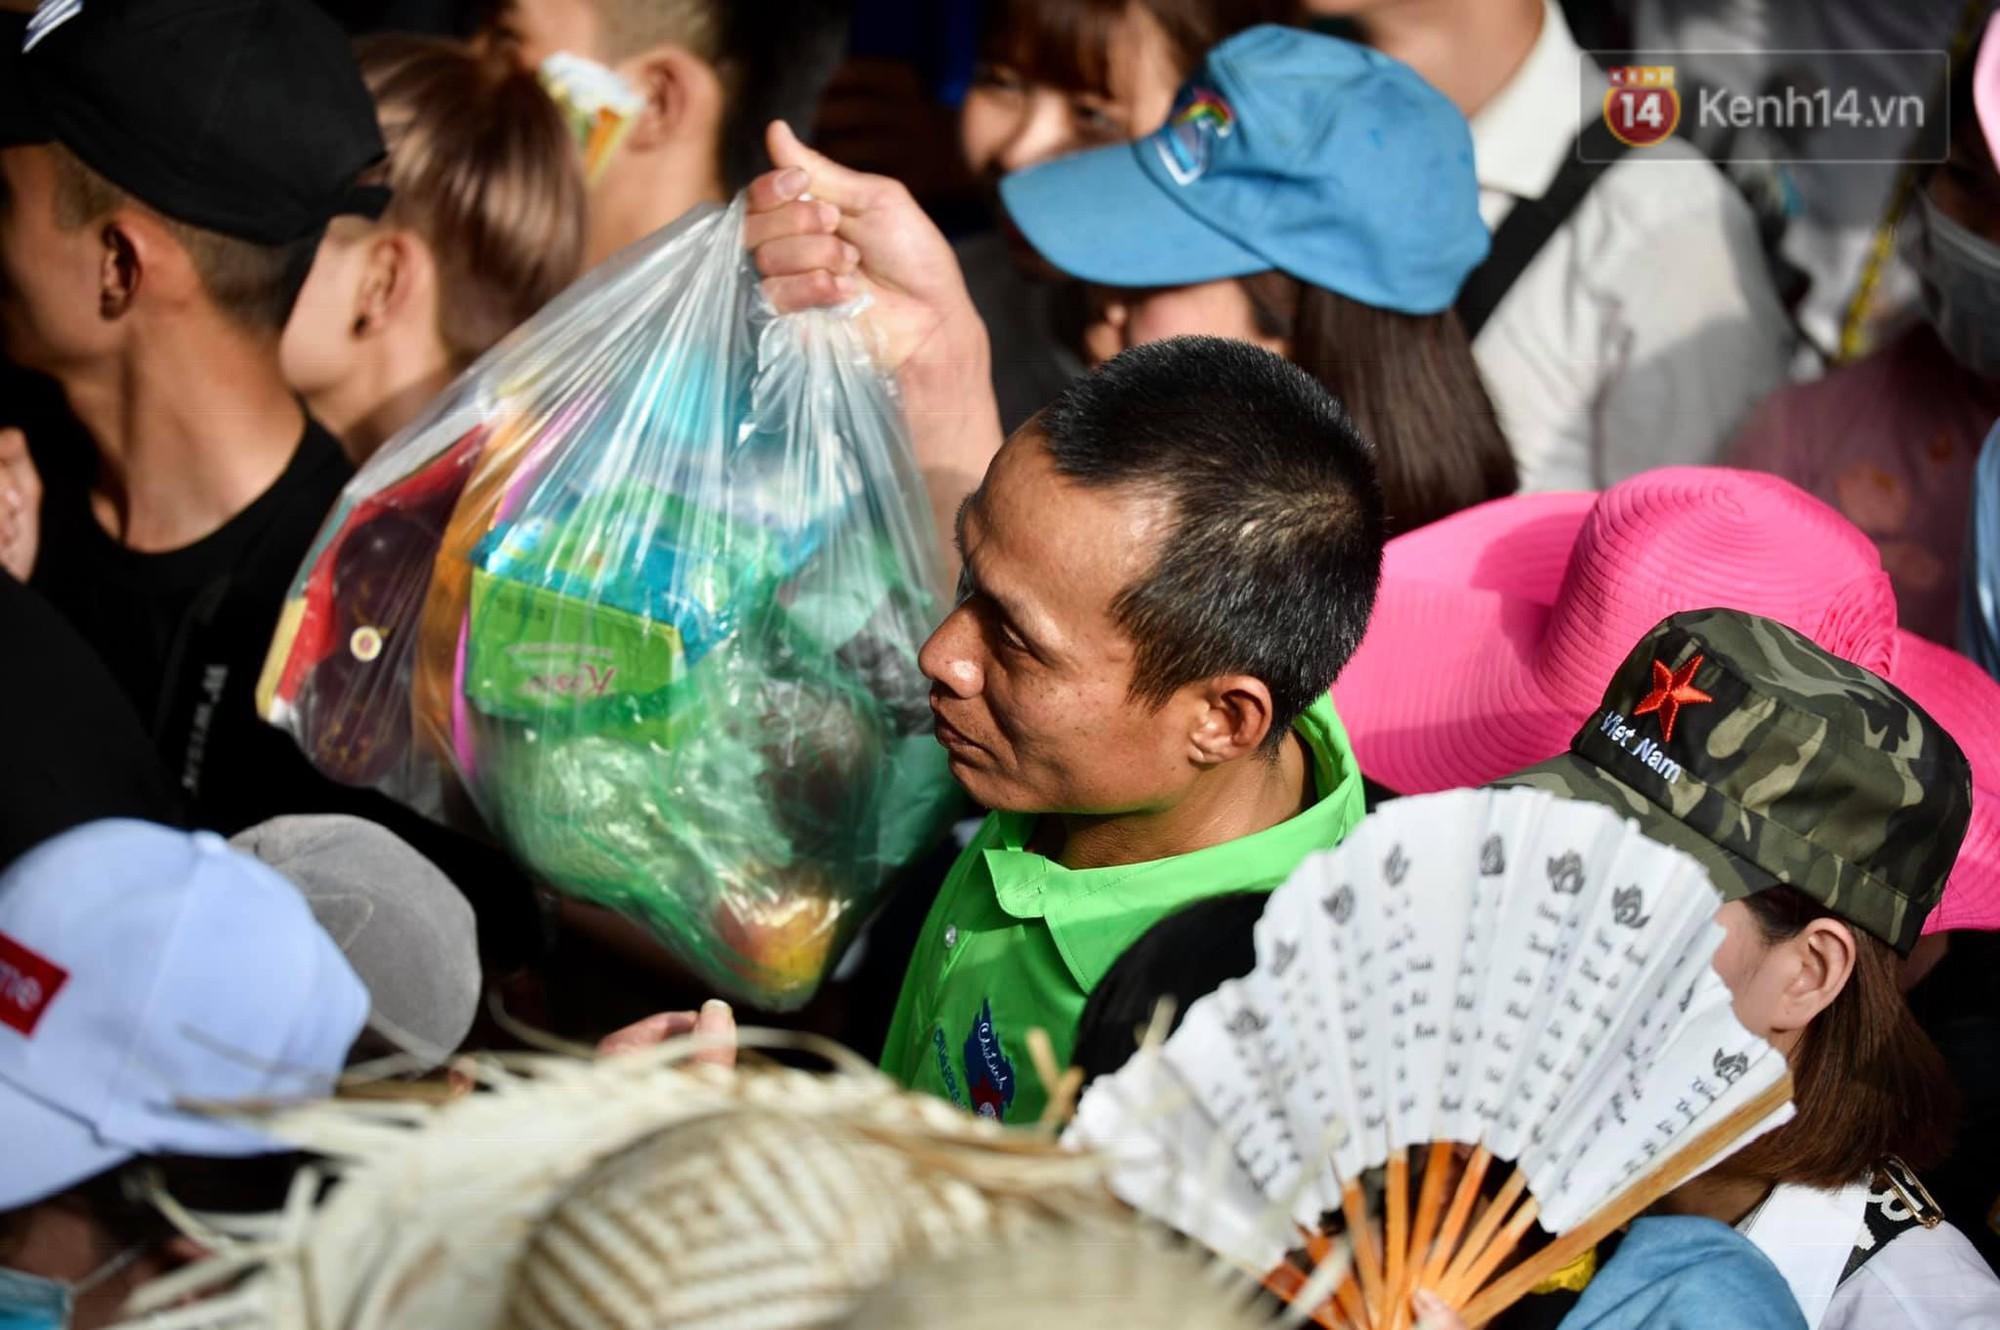 Ảnh: Mệt mỏi vì chen lấn giữa hàng vạn người dù chưa khai hội chùa Hương, nhiều em nhỏ ngủ gục trên vai mẹ-8